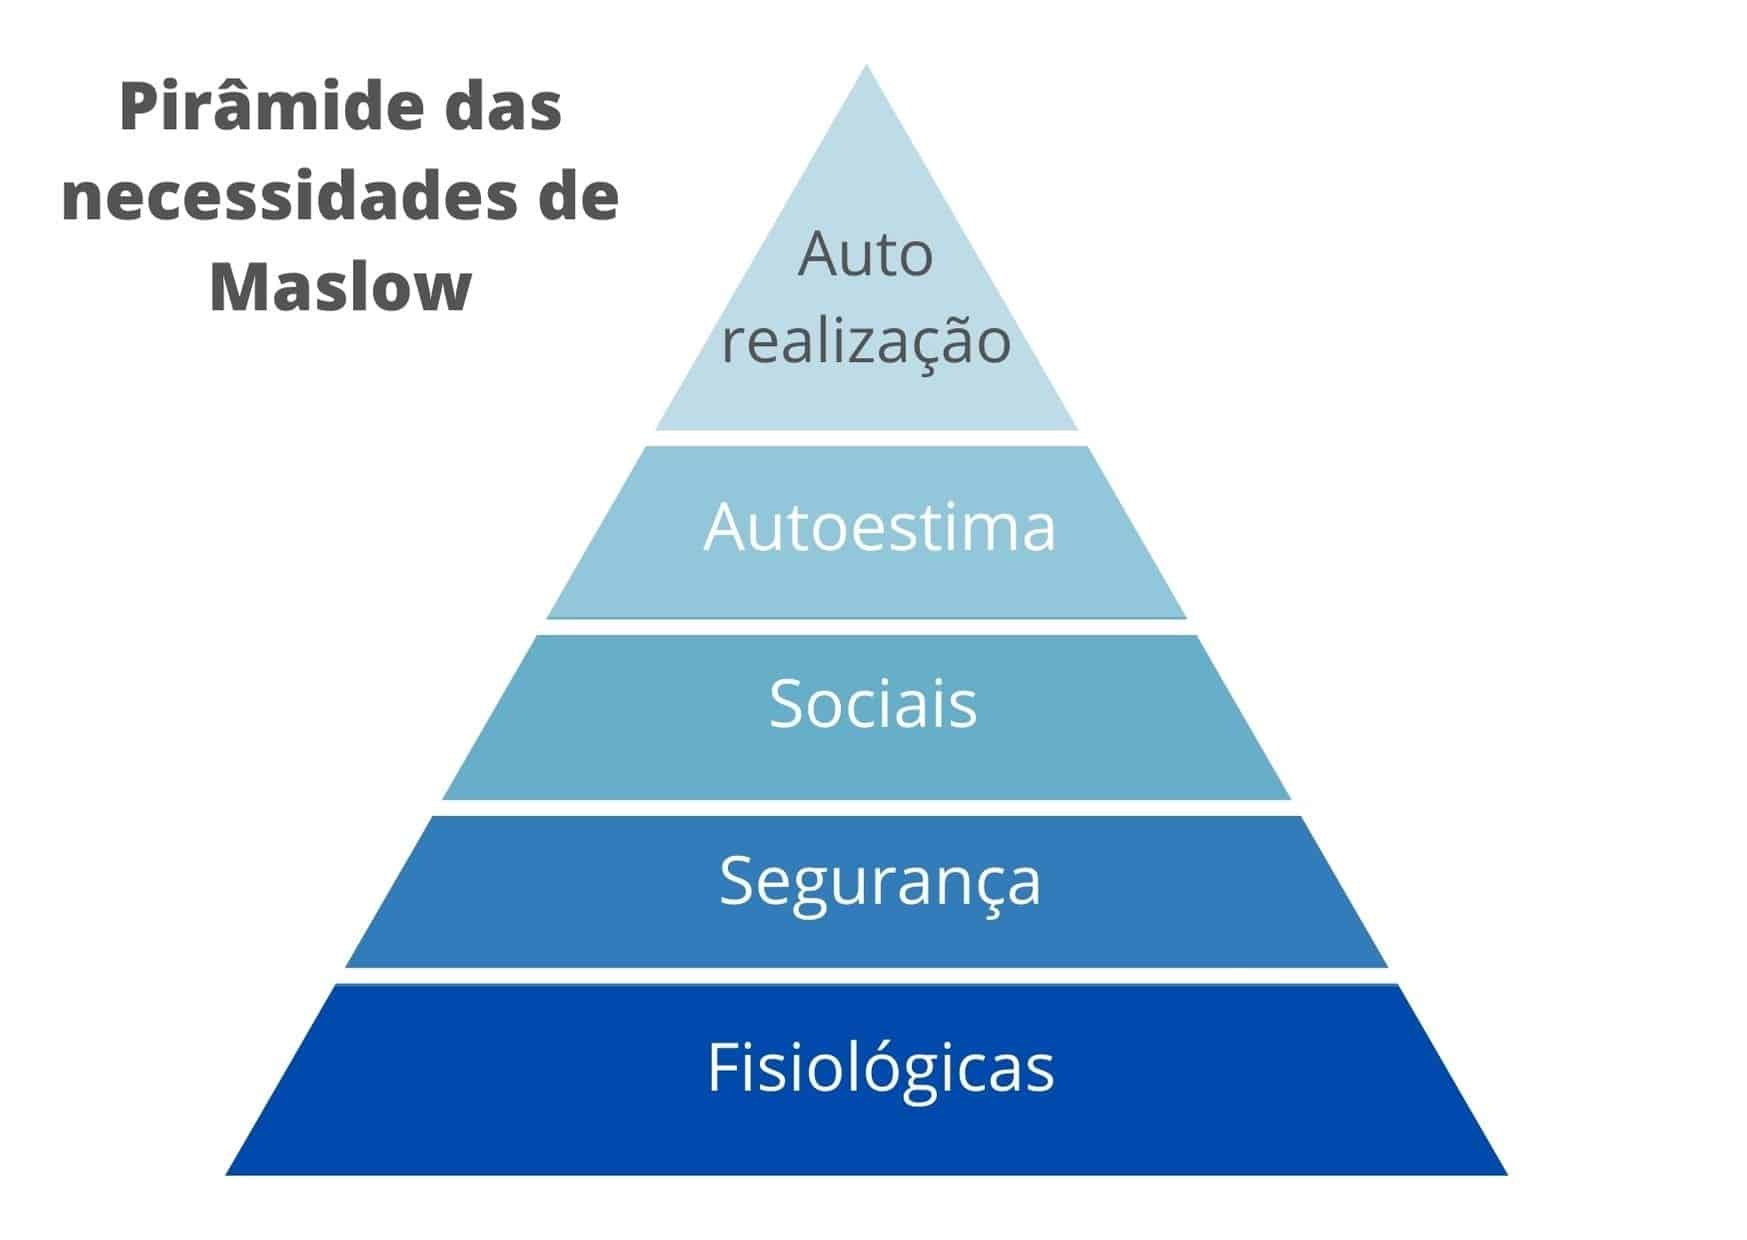 Pirâmide das necessidades de Maslow, com identificação dos vários níveis de necessidades humanas: Fisiológicas, segurança, sociais, autoestima e autorealização